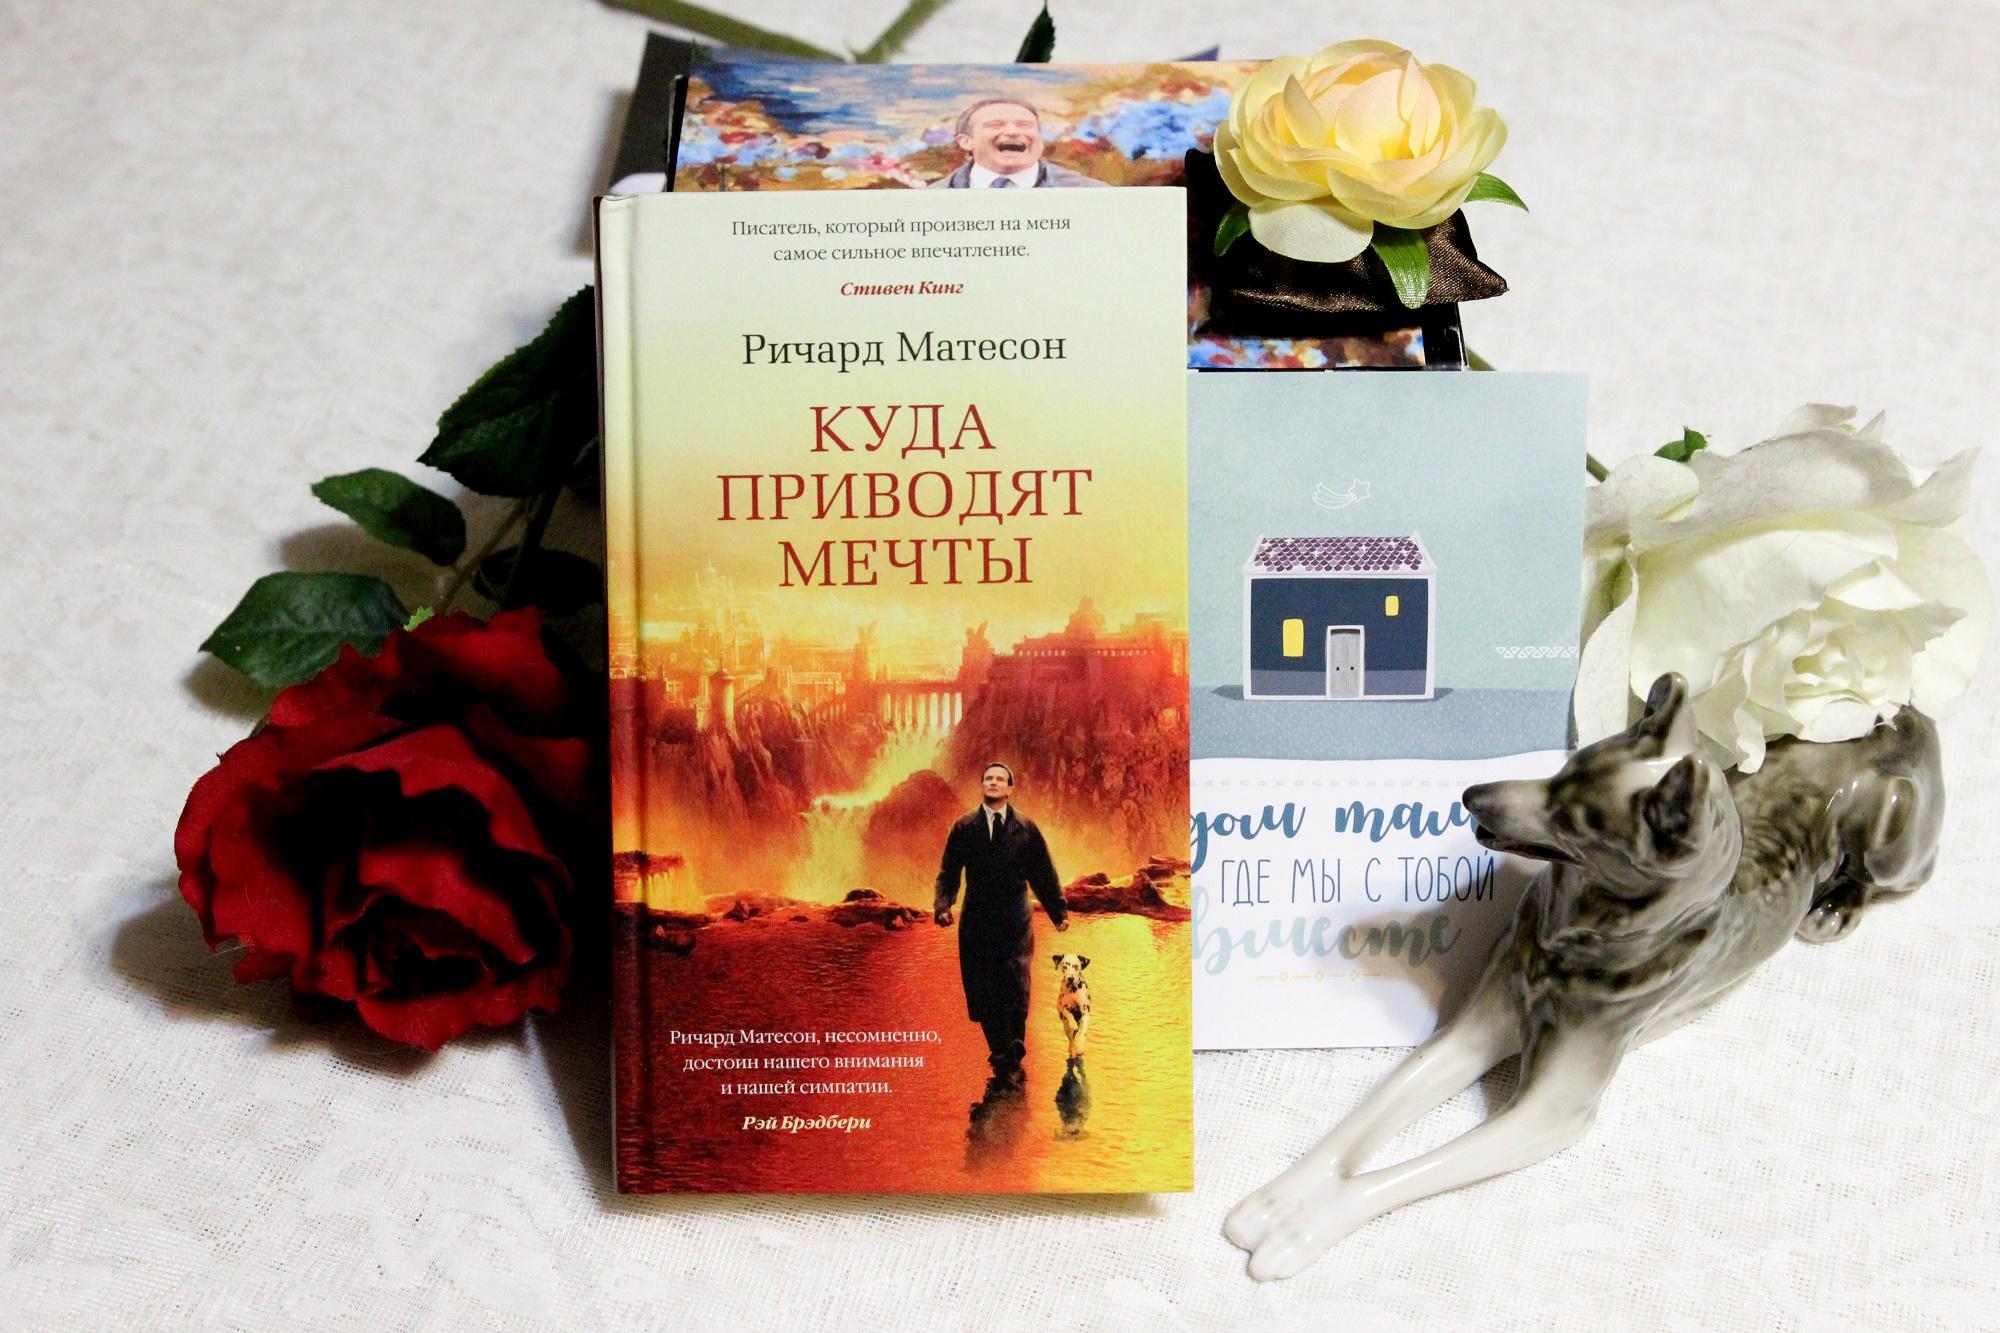 Куда приводят мечты (мария чепурина) скачать книгу в fb2, txt.